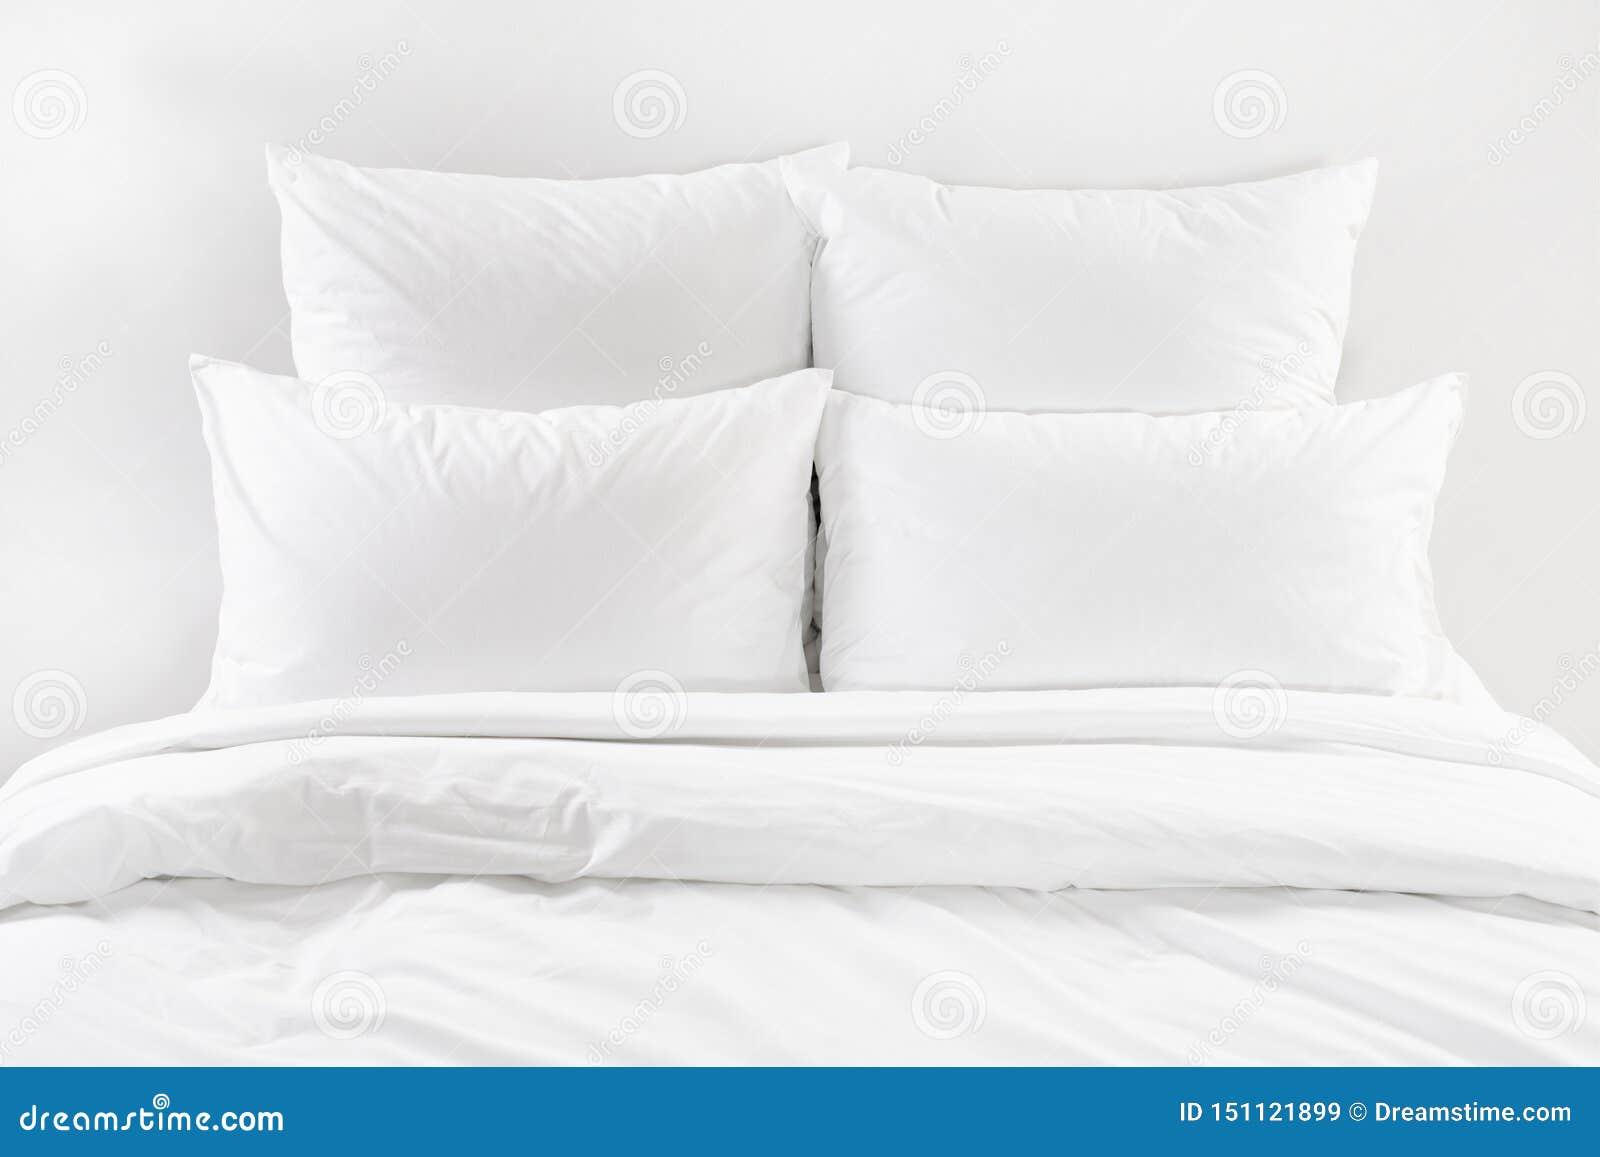 Vit säng, fyra vita kuddar och duntäcke på en säng